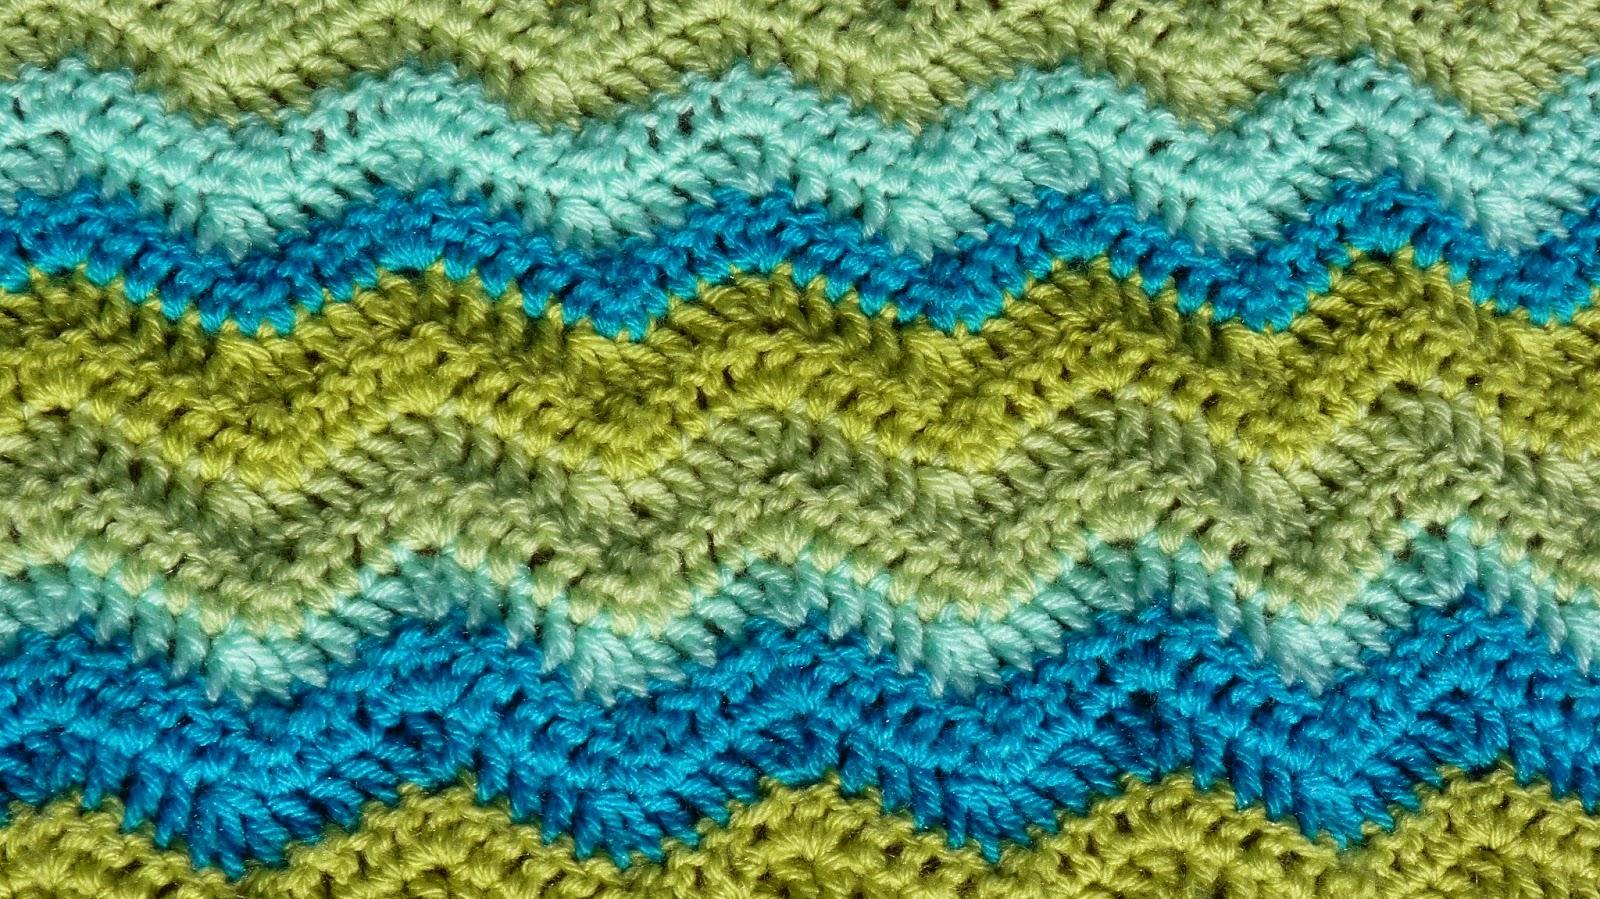 Babydecke Häkeln Wellenmuster Ber 40 Einmalige Vorschl Ge Zum